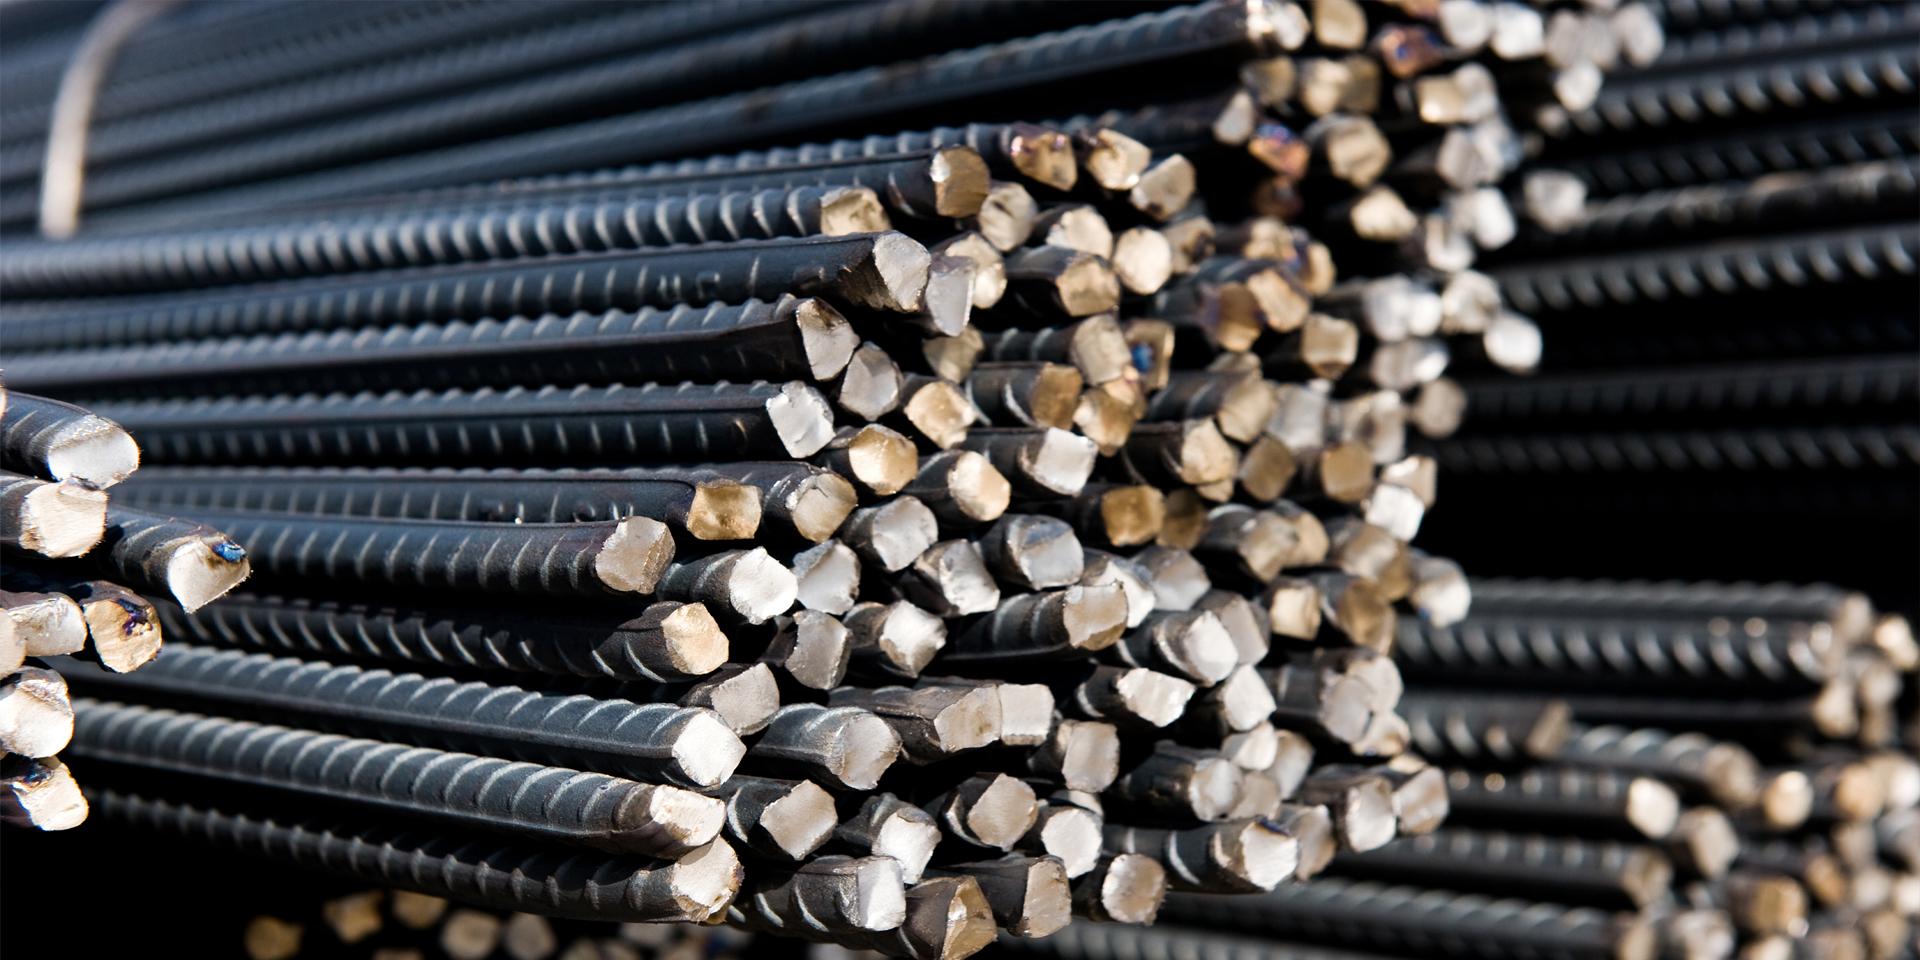 تولید ۵۵ میلیون تن فولاد در افق ۱۴۰۴ عملی و قطعی است